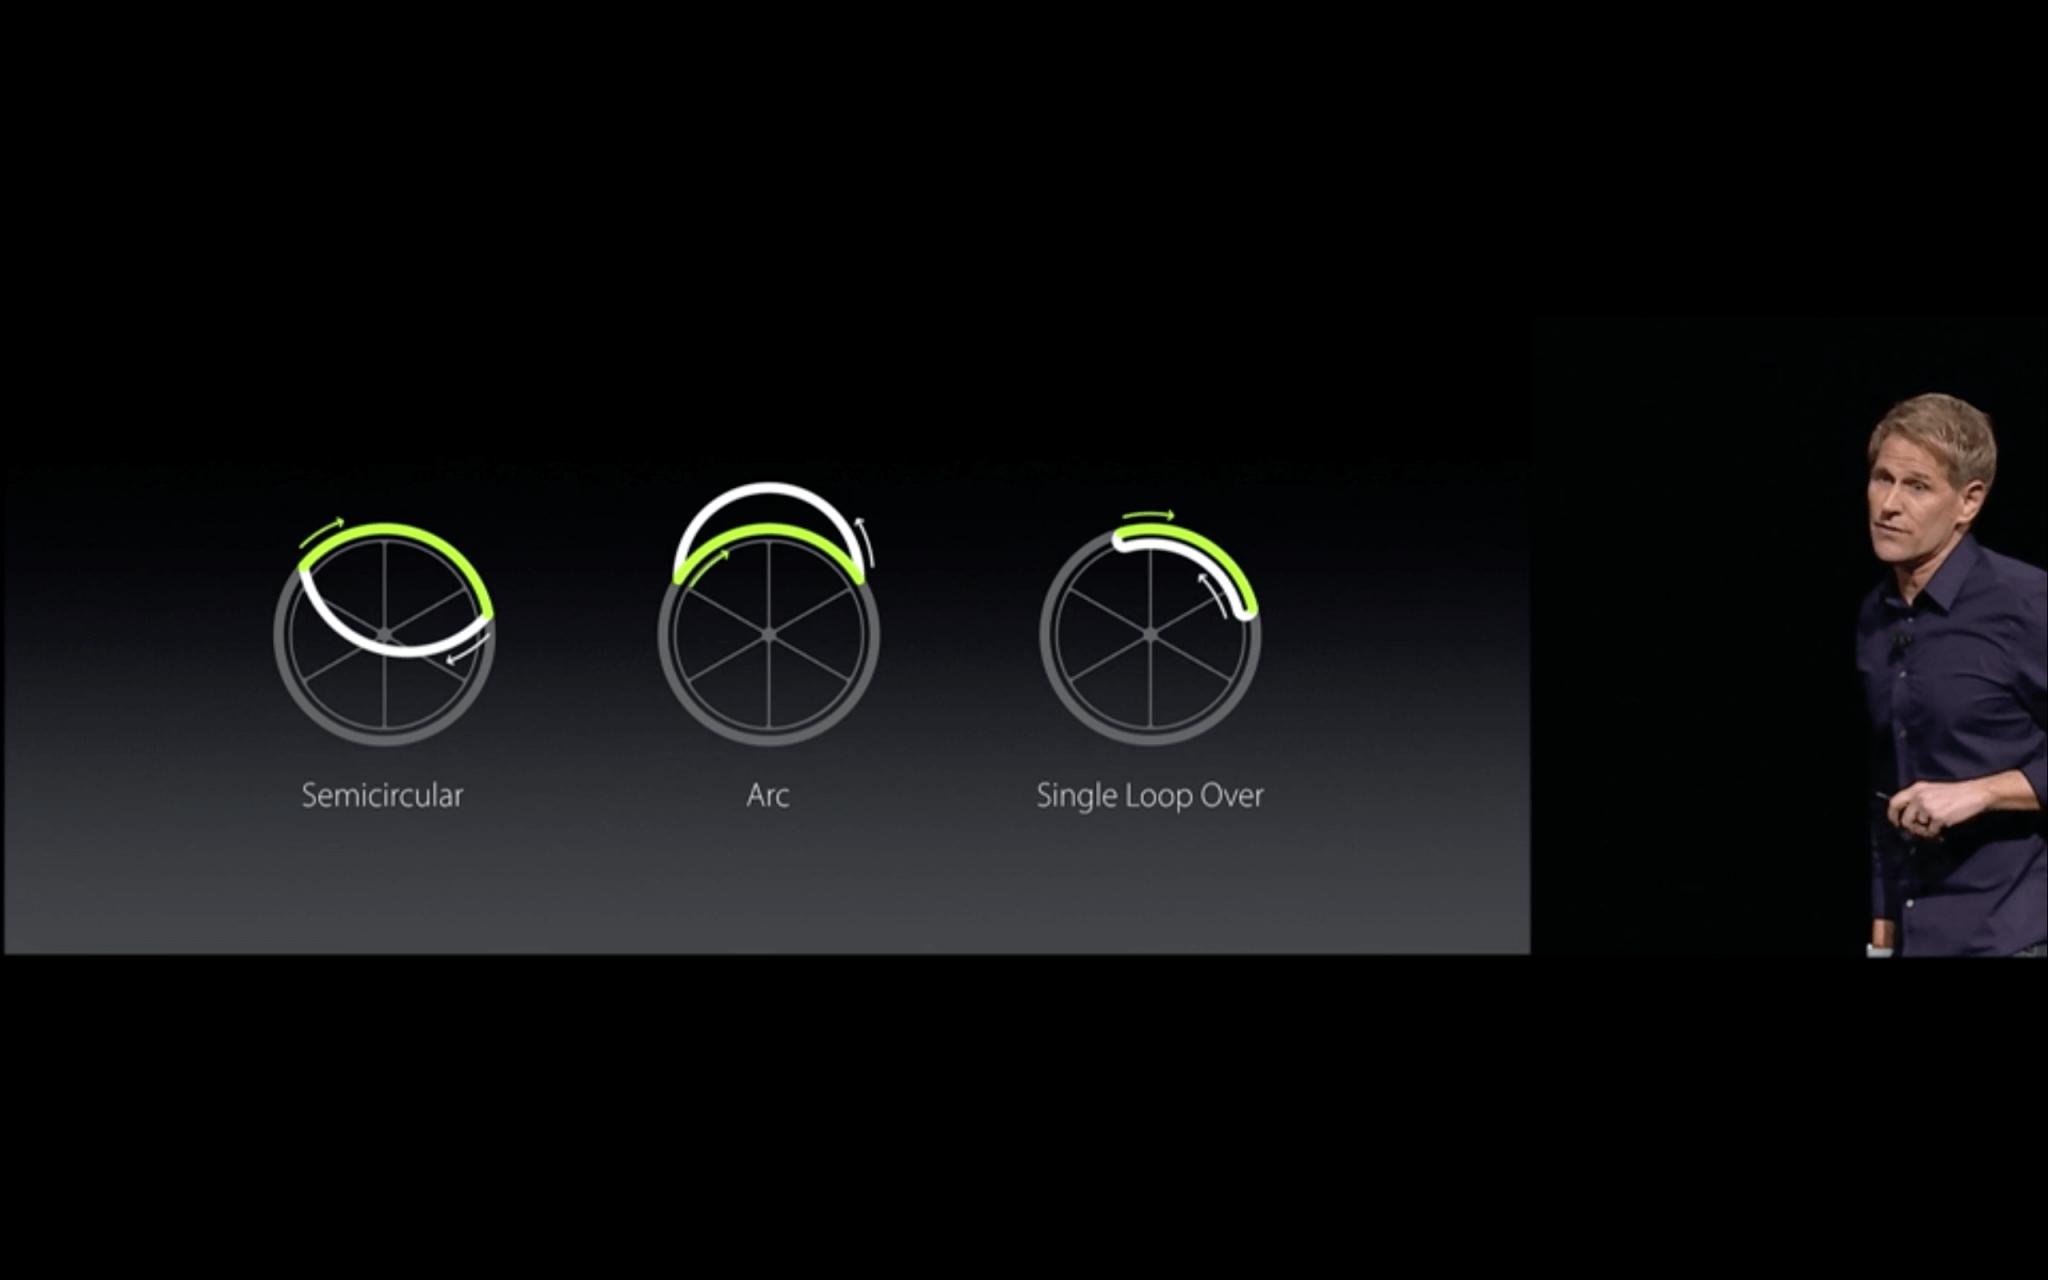 WWDC: Rollstuhlfahrer haben eine andere Körpermechanik (Screenshot aus Apples Lifestream)